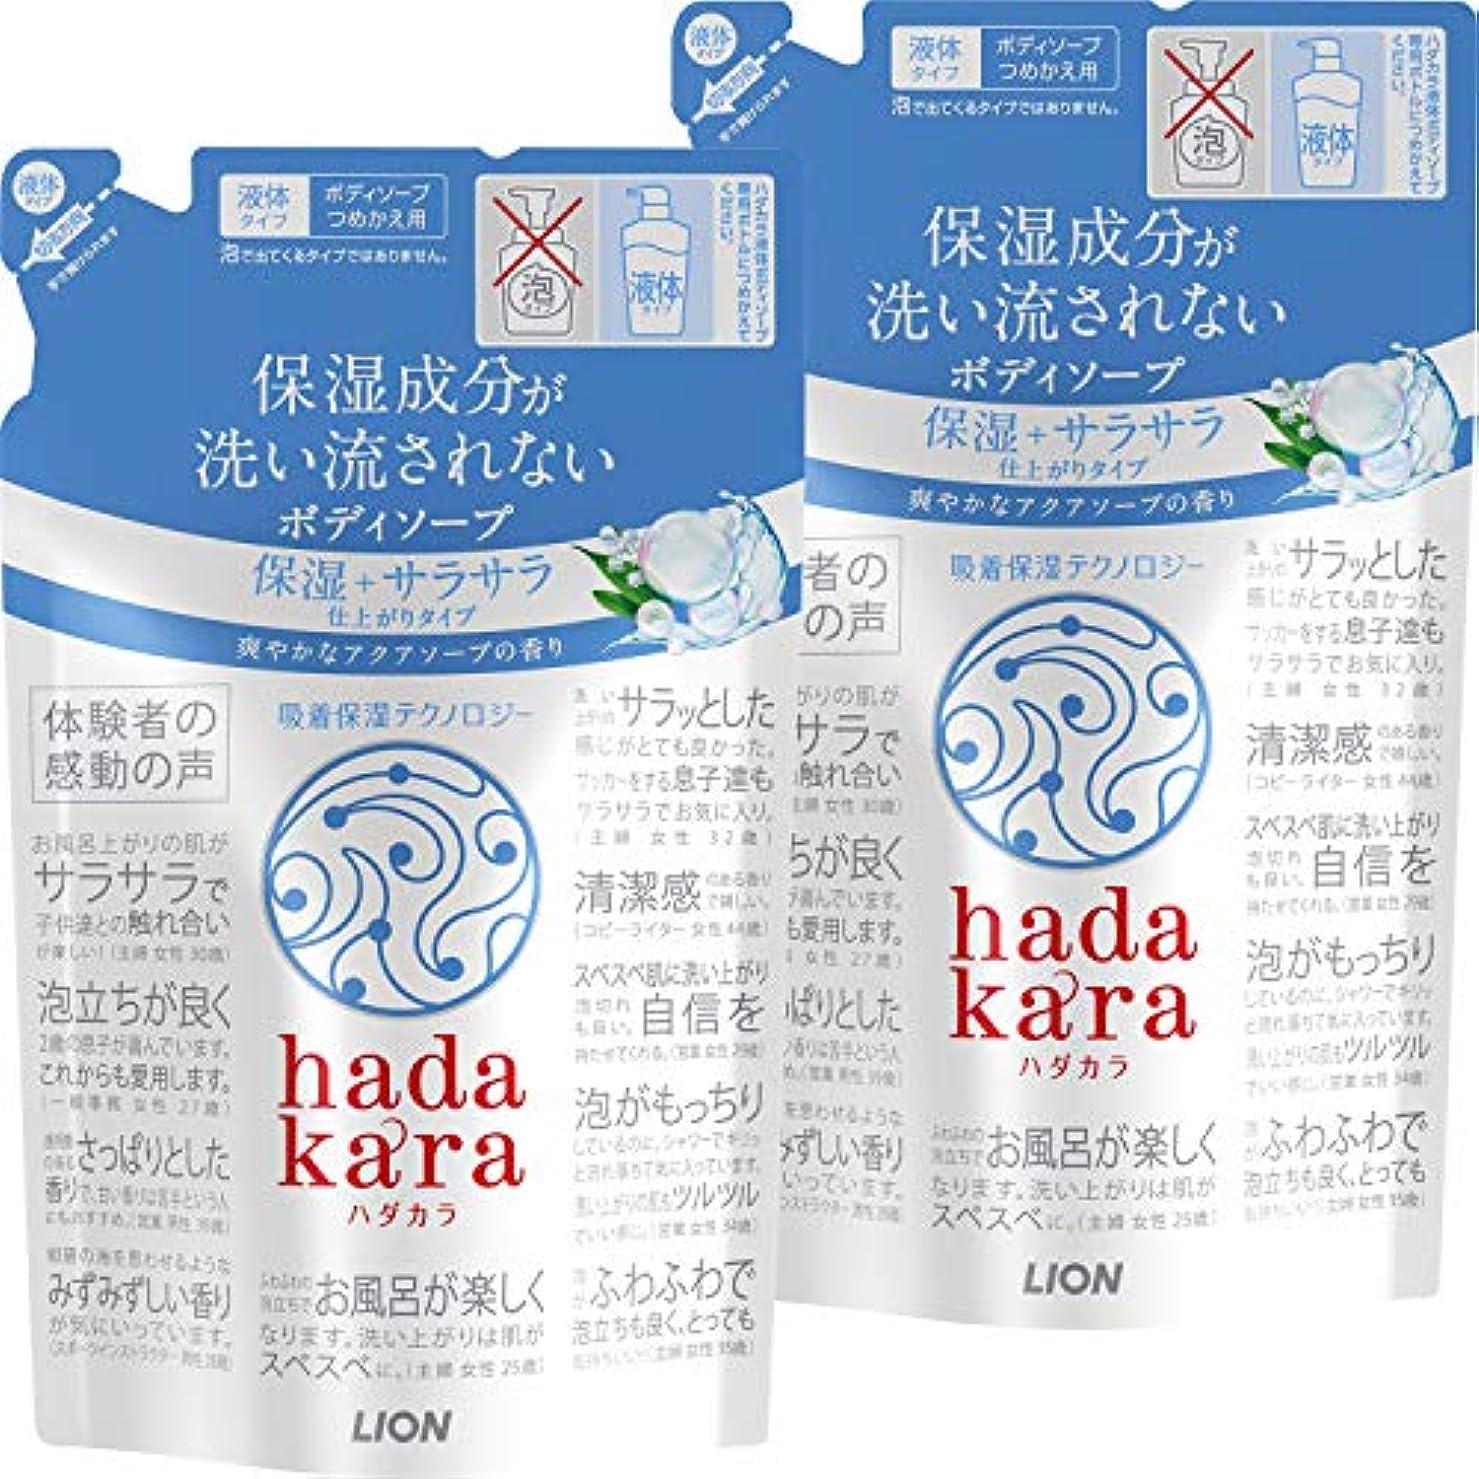 書き込みギャングシロクマ【まとめ買い】hadakara(ハダカラ) ボディソープ 保湿+サラサラ仕上がりタイプ アクアソープの香り 詰め替え 340ml×2個パック